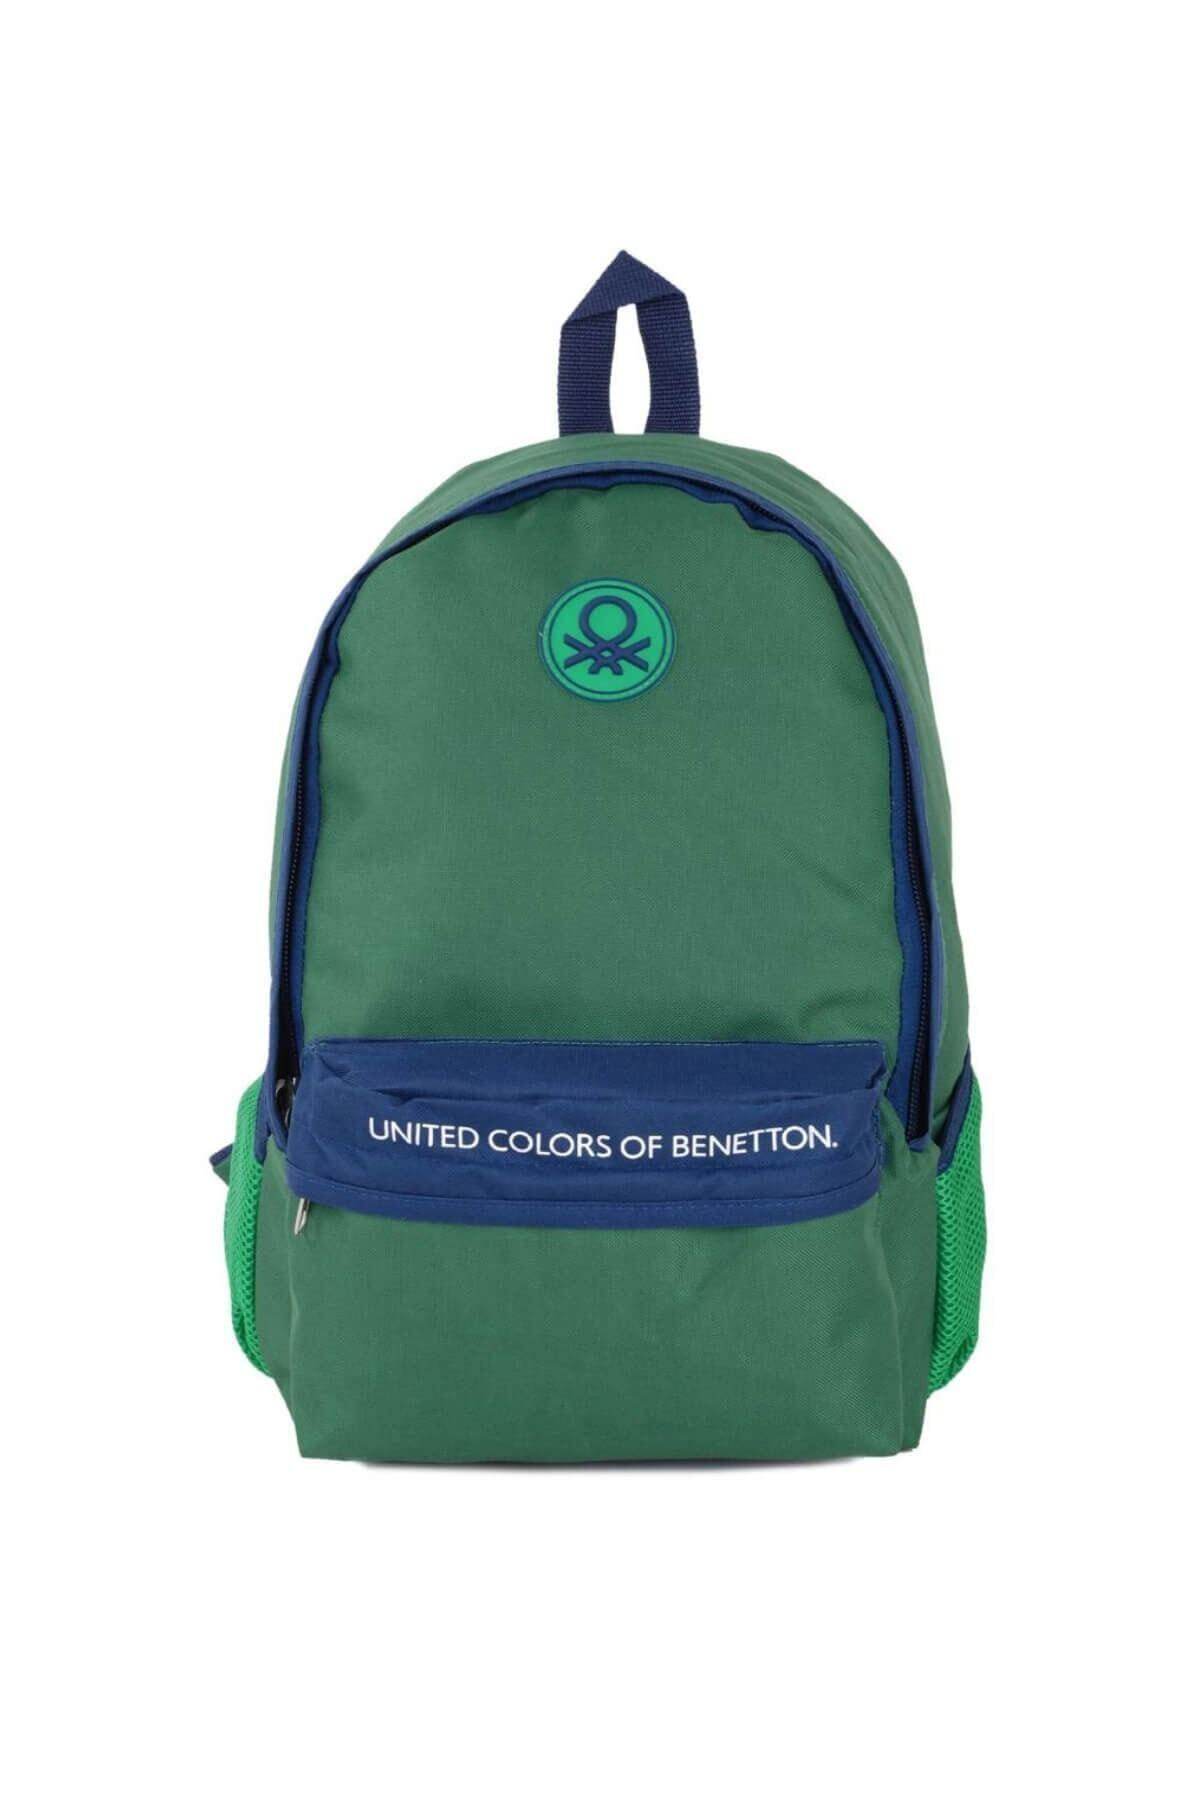 Benetton Unisex Yeşil Sırt Çantası 96068 1